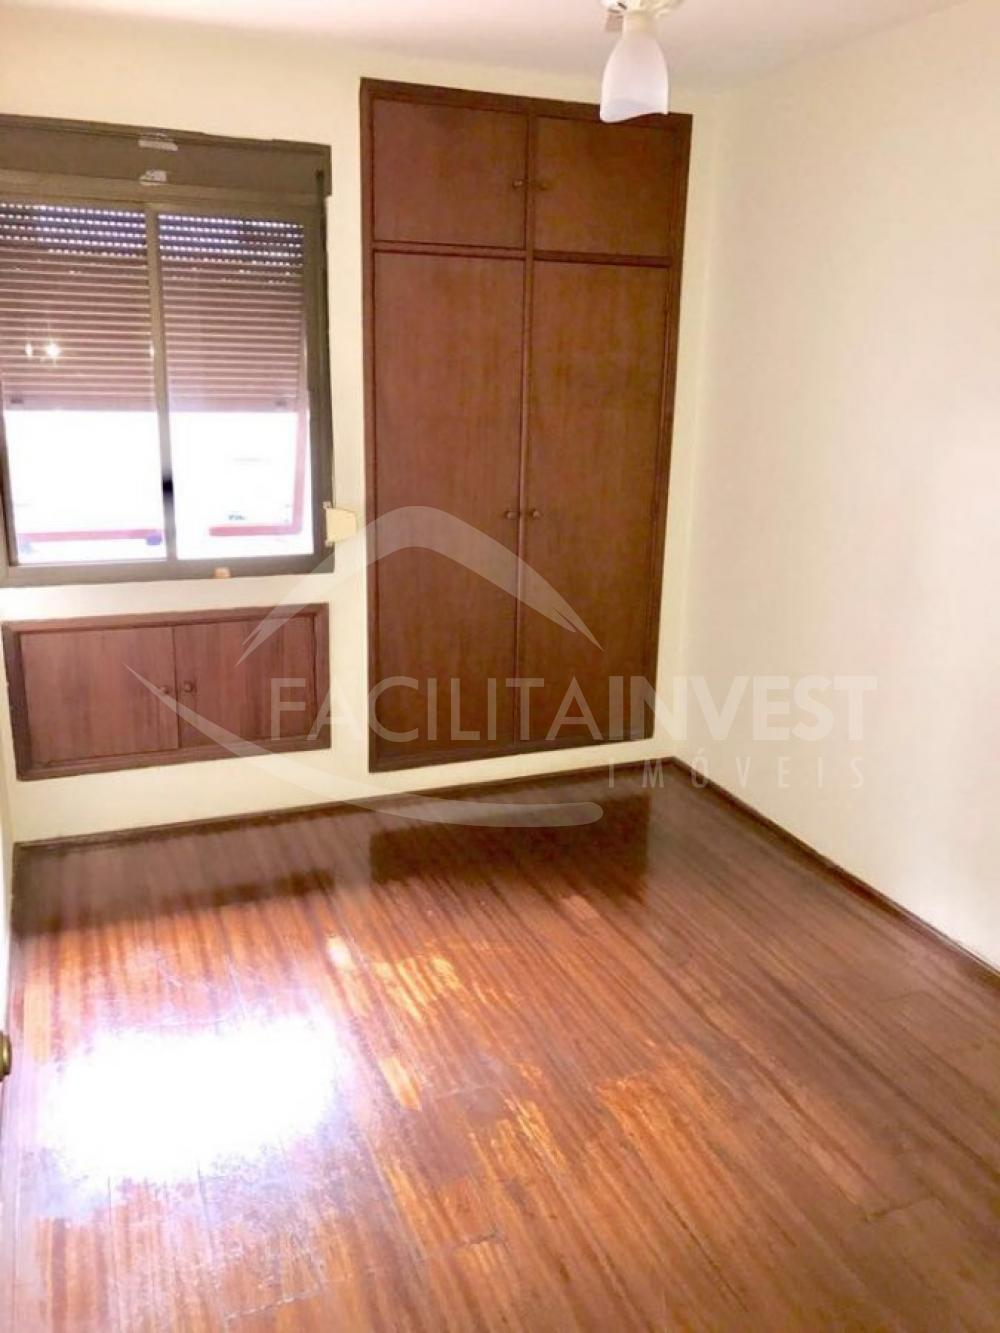 Comprar Apartamentos / Apart. Padrão em Ribeirão Preto apenas R$ 360.000,00 - Foto 6